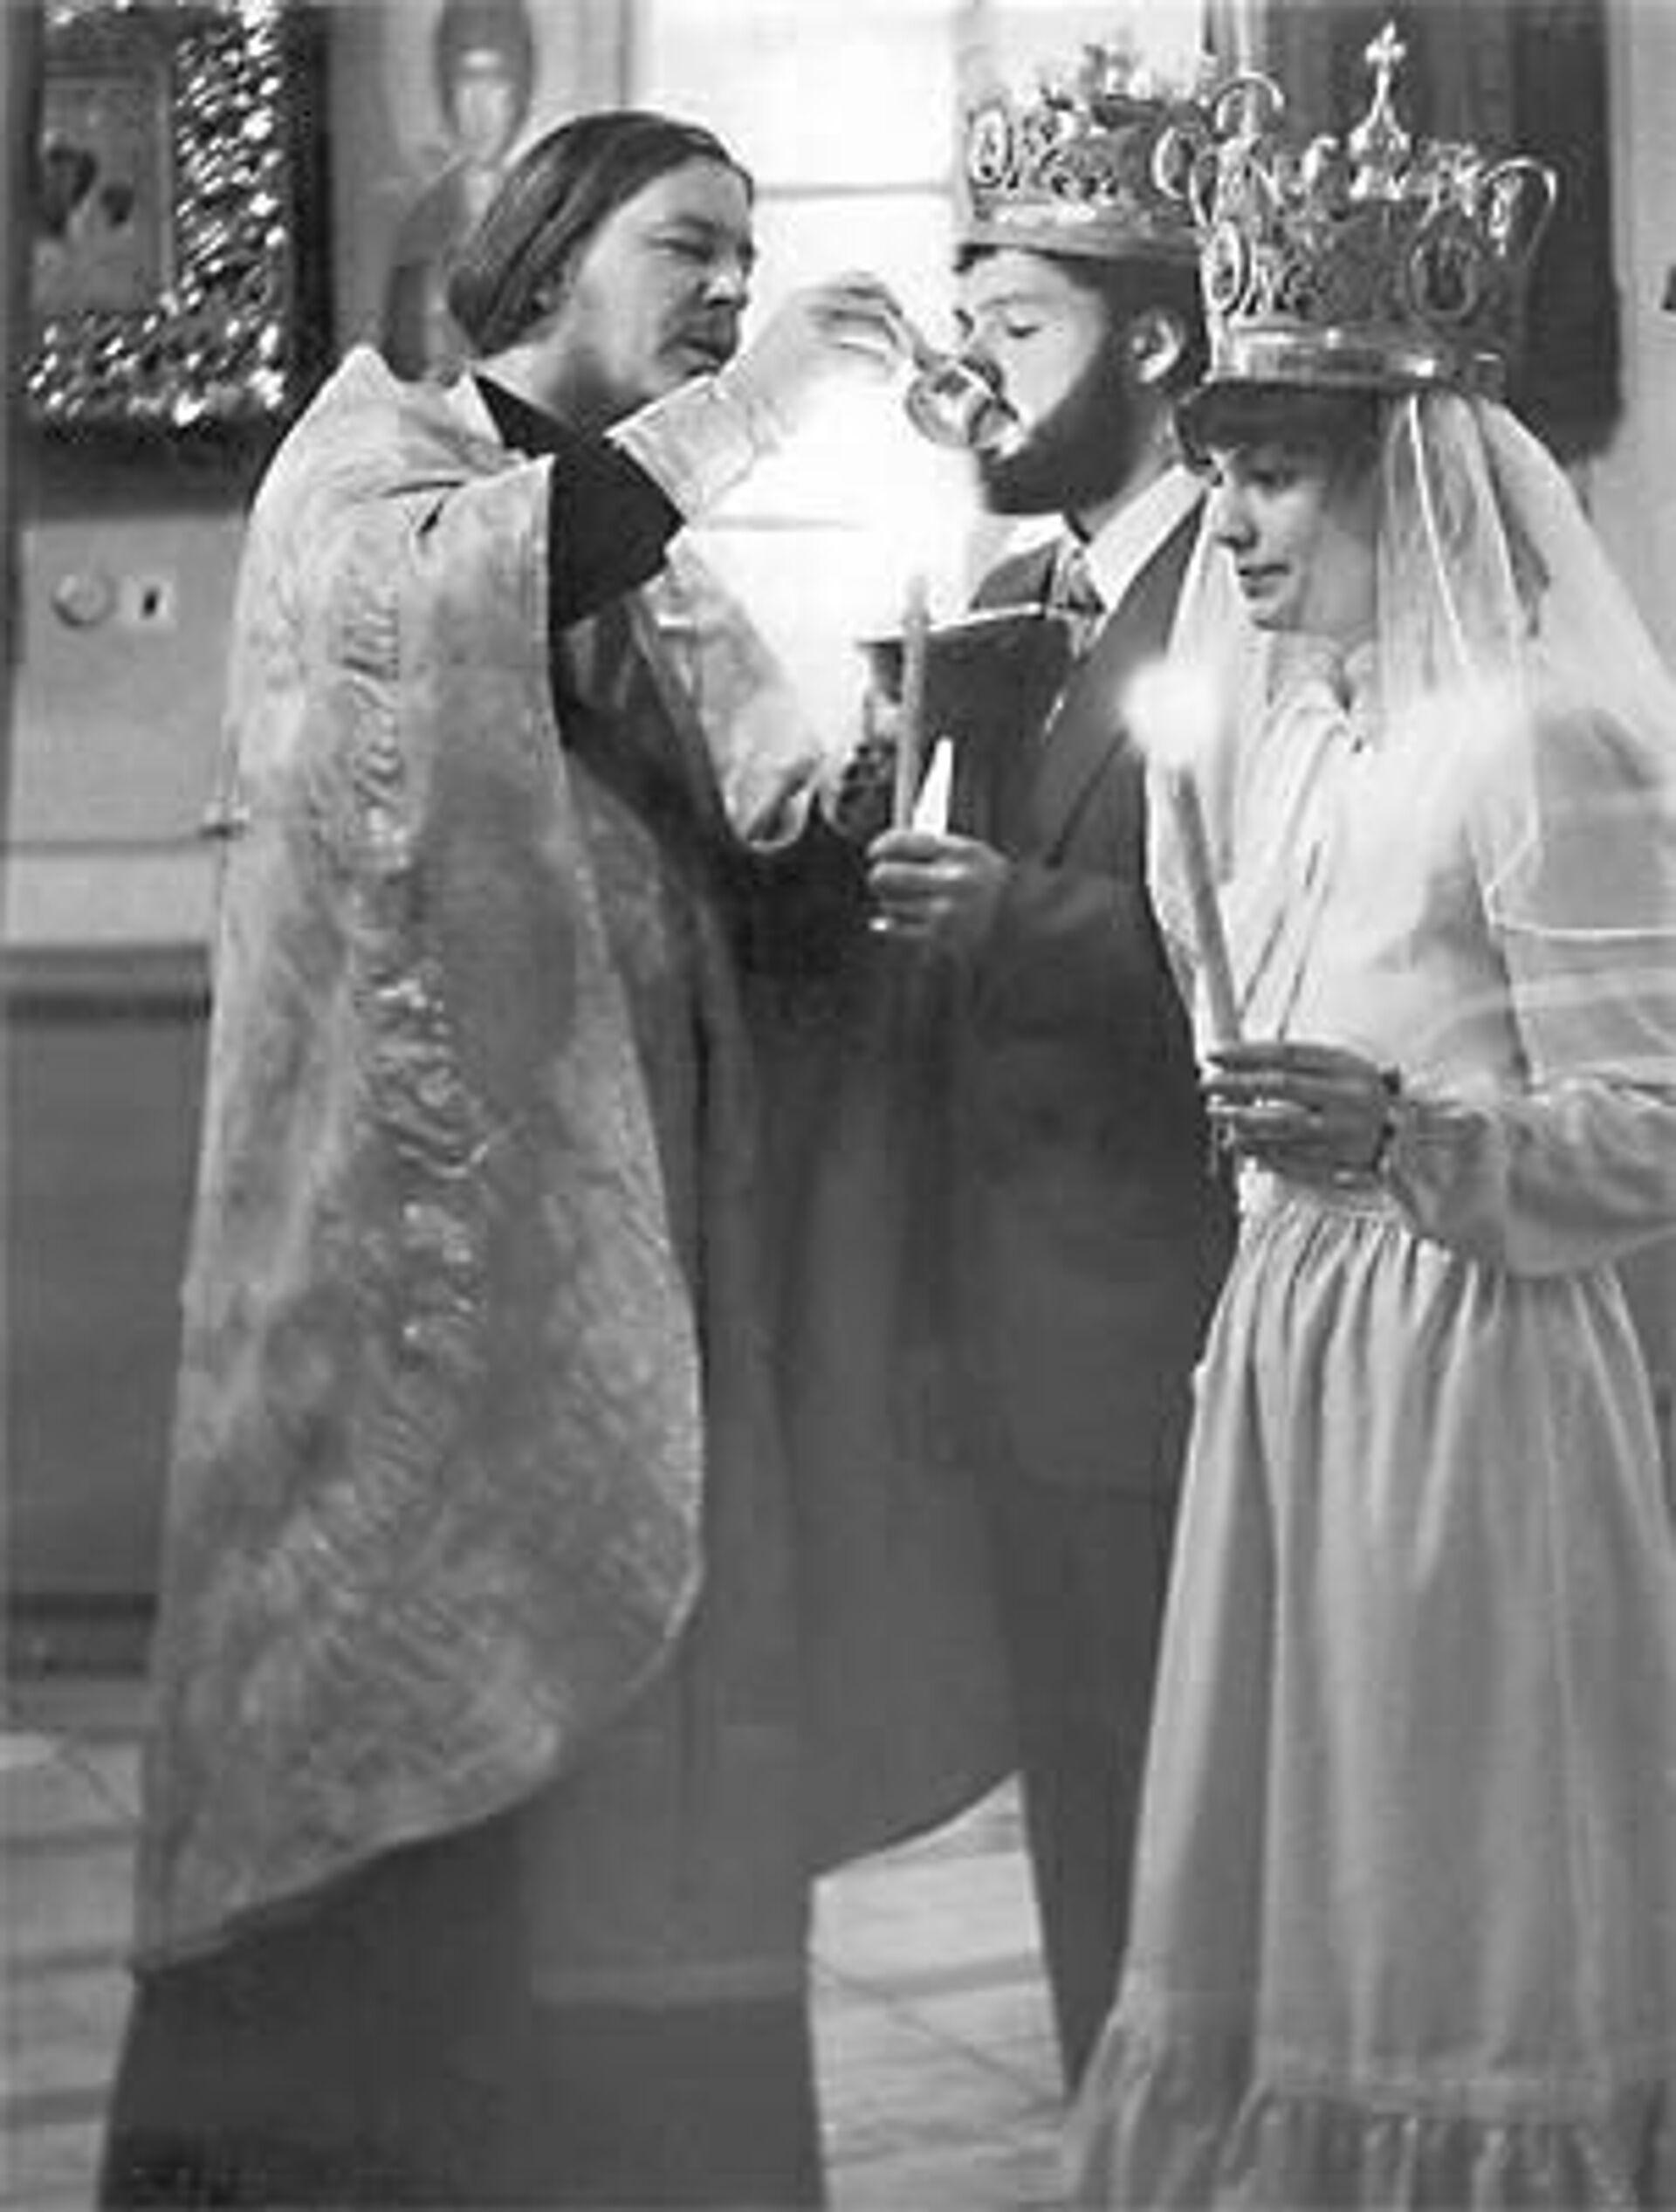 Протоиерей Димитрий Смирнов во время церемонии венчания - РИА Новости, 1920, 21.10.2020